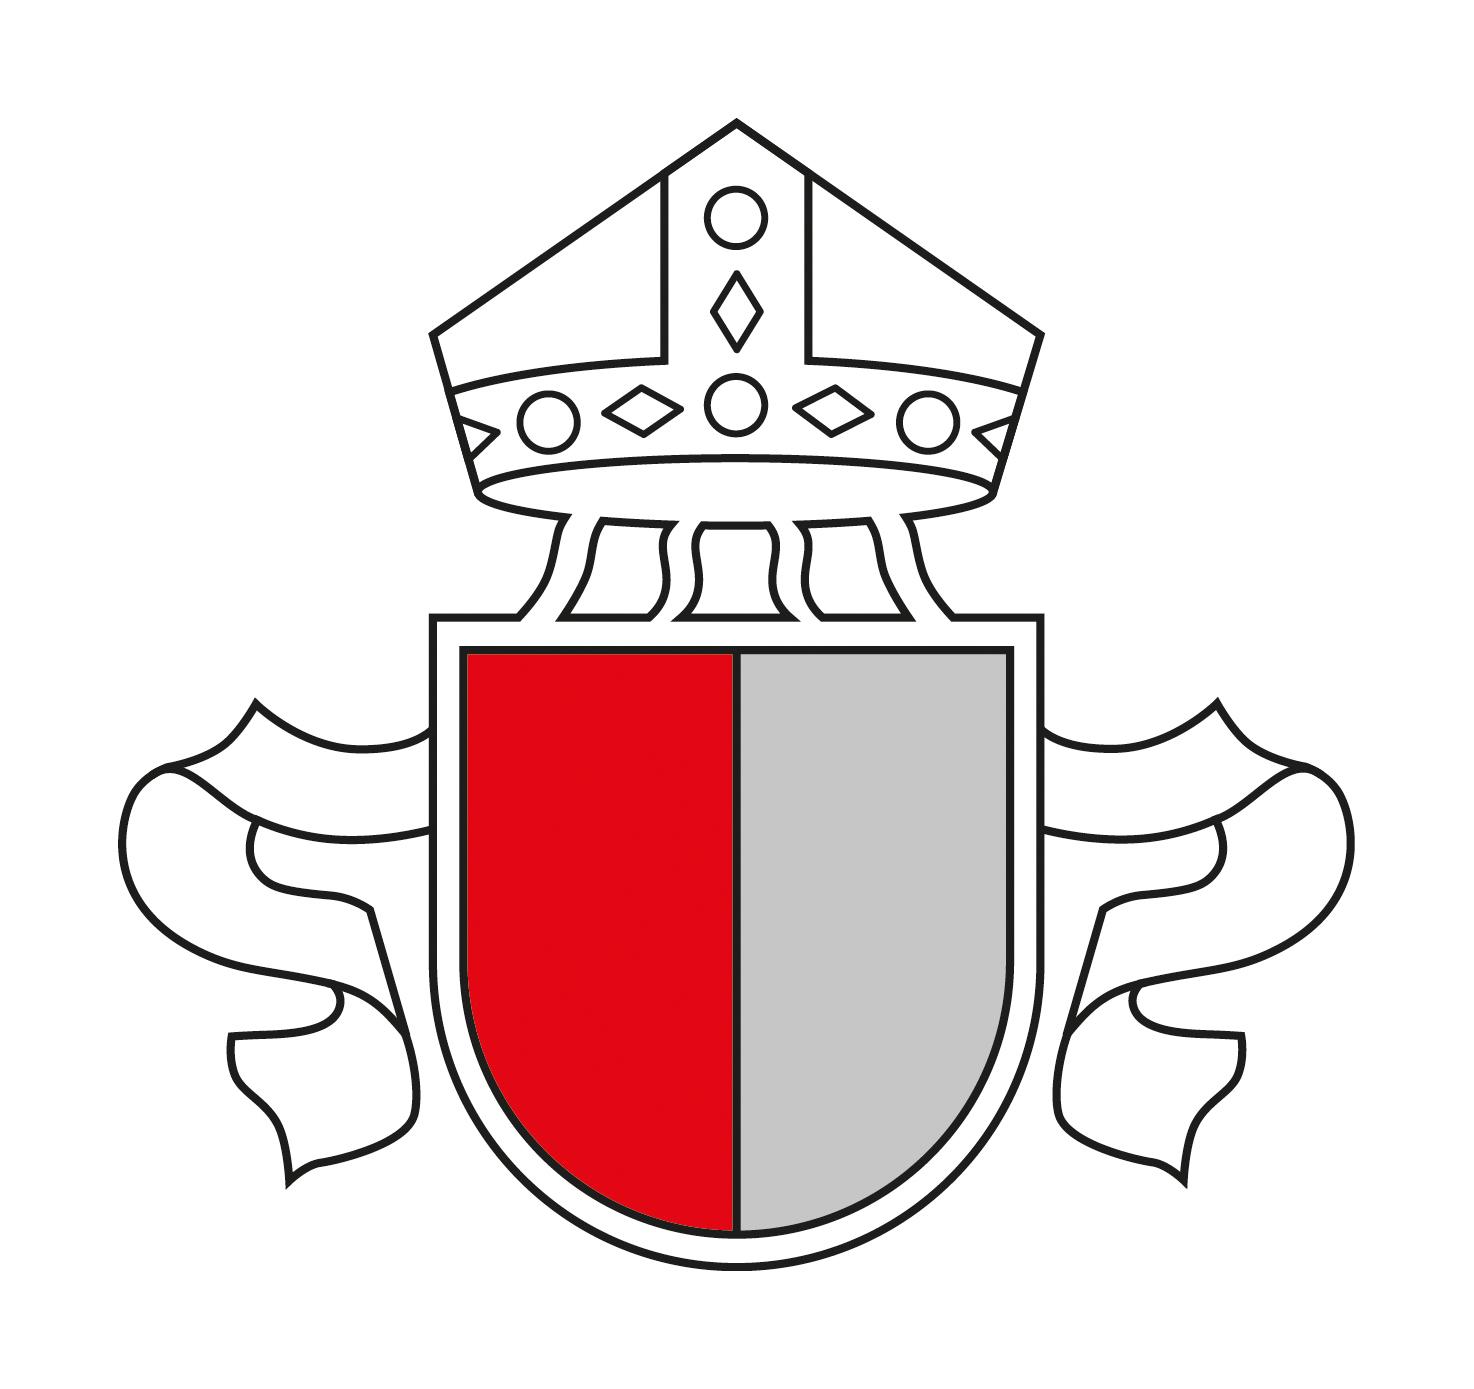 Nach Kirchenschändung: Pfarrkirche in Bellenberg bleibt vorübergehend geschlossen